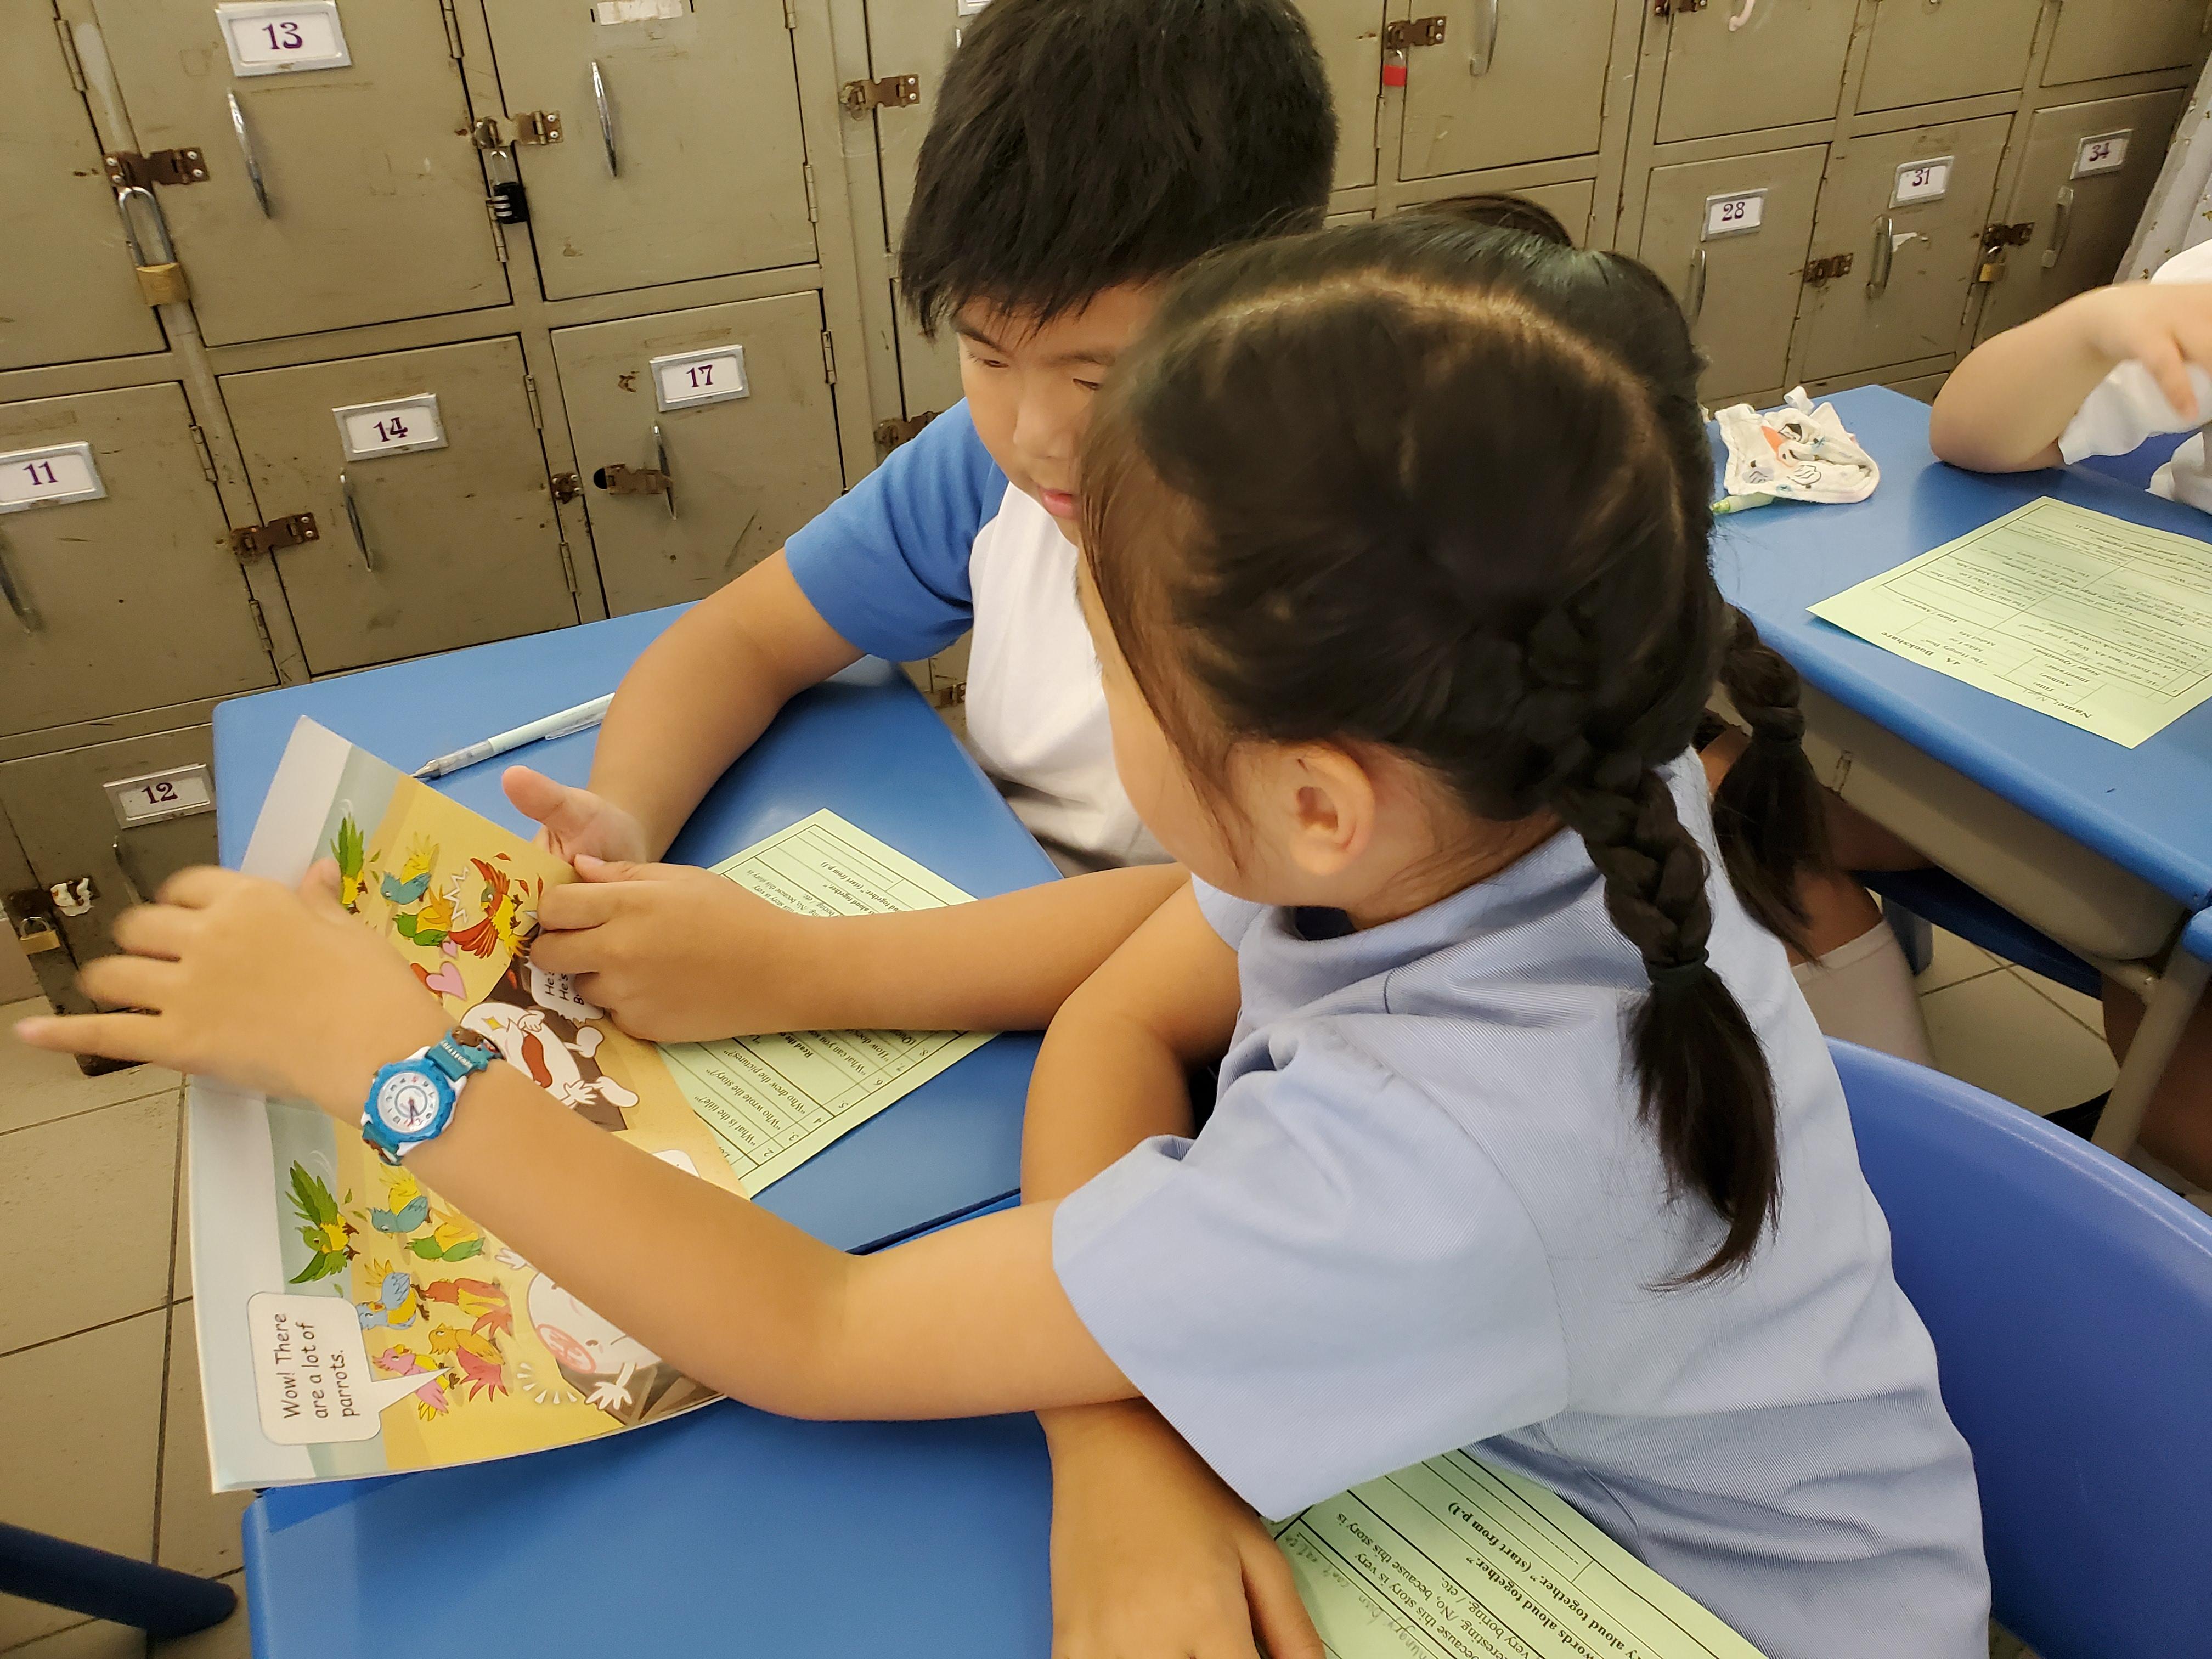 http://www.keiwan.edu.hk/sites/default/files/12_2.jpg